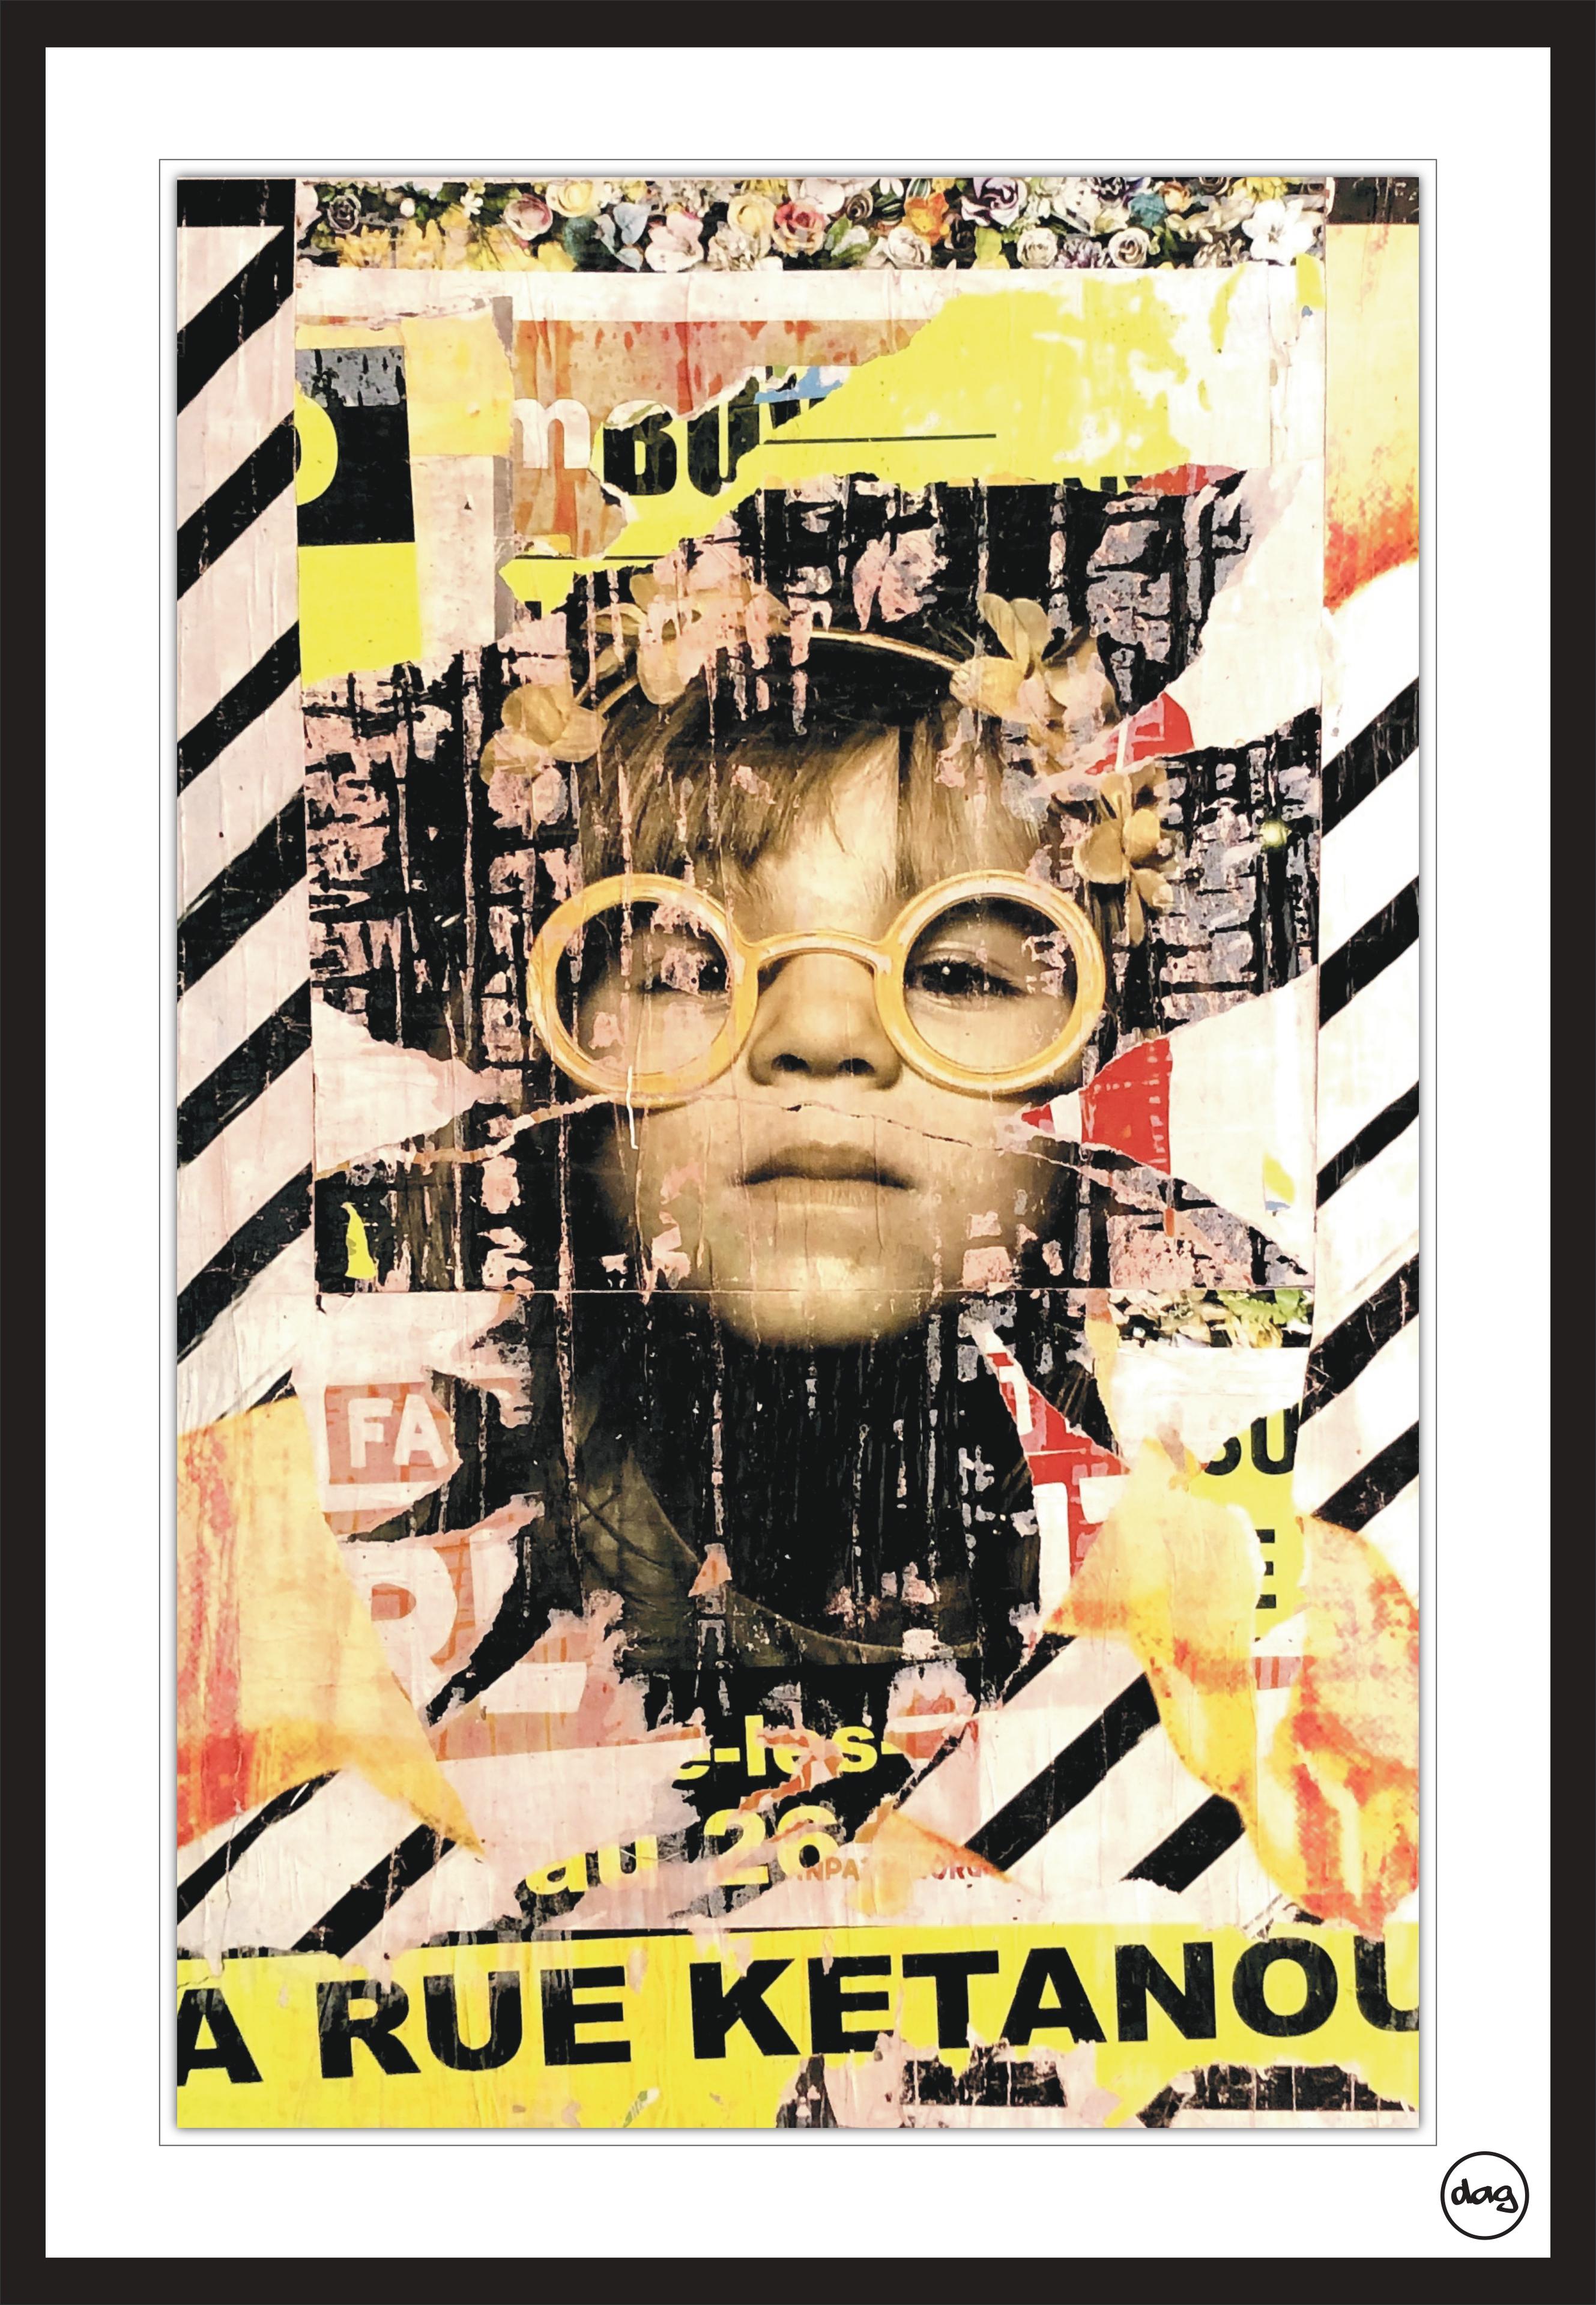 Affichage de rue-45x65_La Rue Kétanou_page-0001